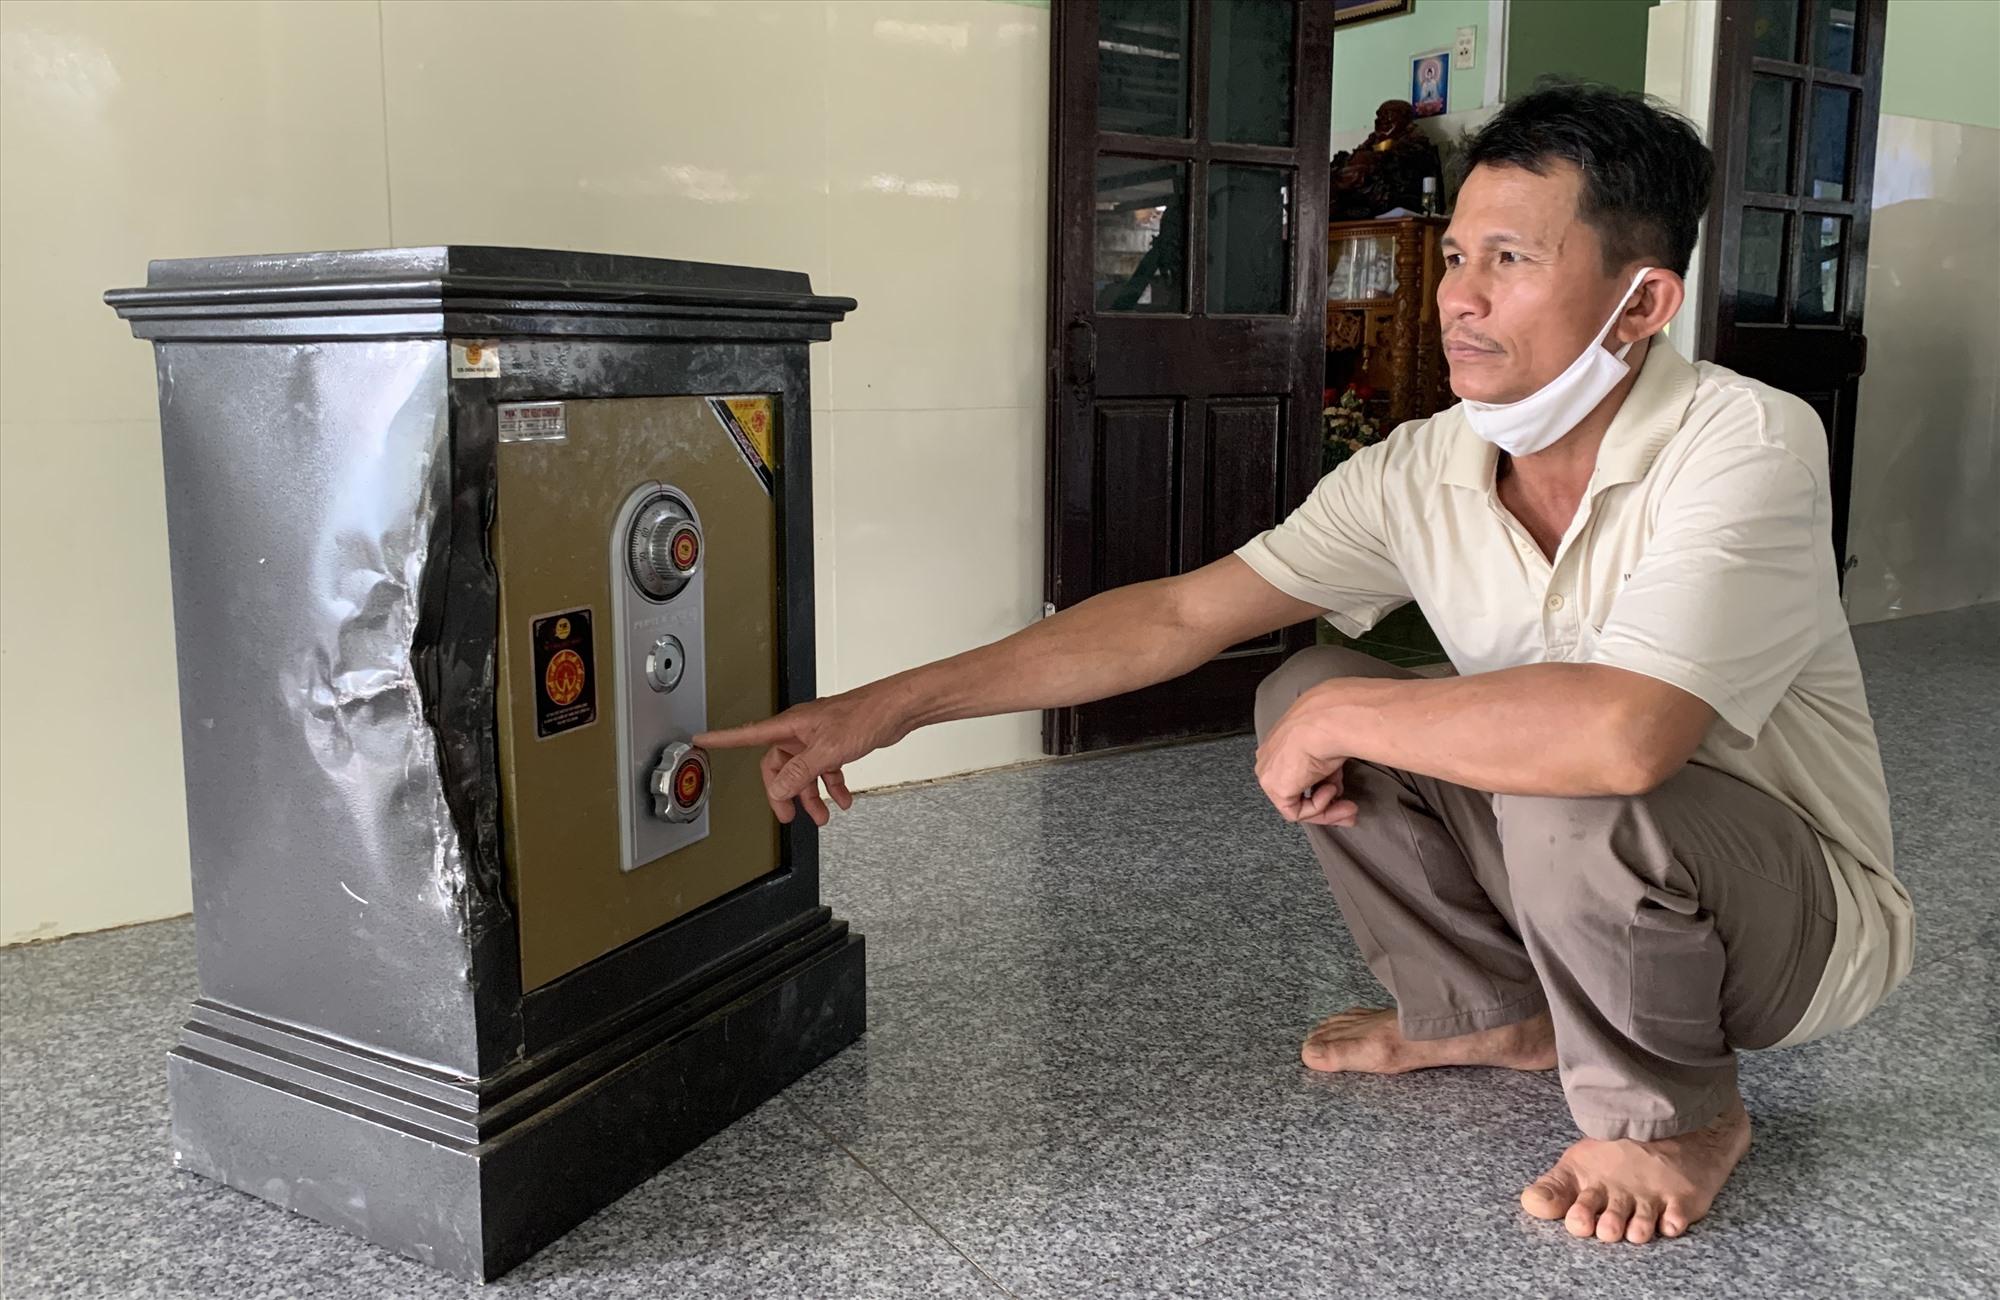 Anh Đỗ Văn Hùng bên cái két sắt đã bị các tên trộm phá. Ảnh: PHAN VINH